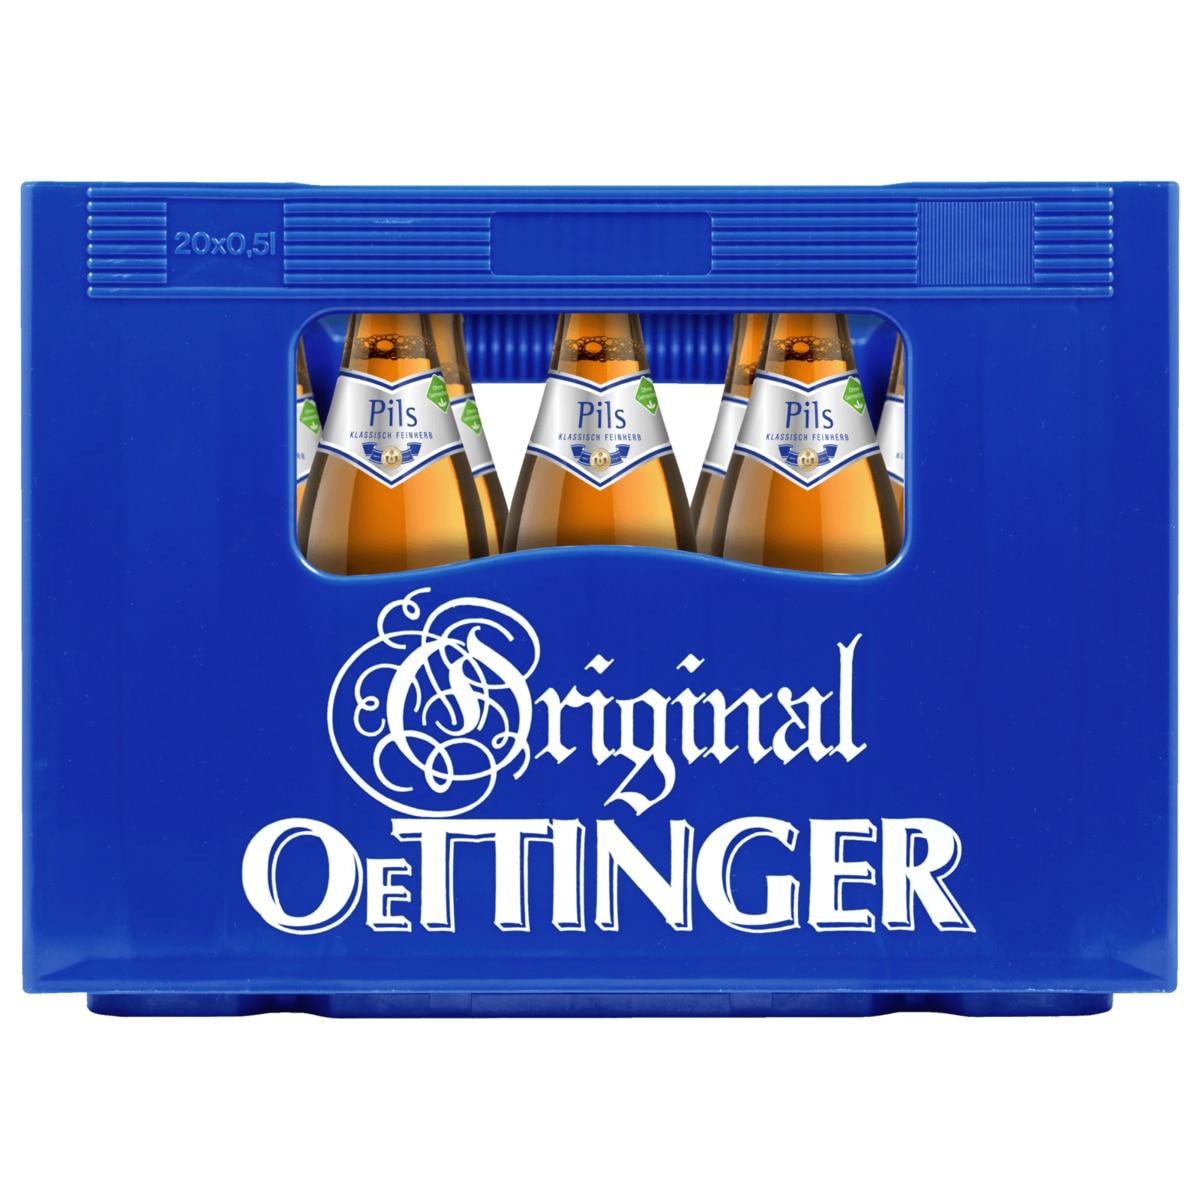 Oettinger Pils, 20 x 0,5 Liter für 4,99 Euro [Penny]